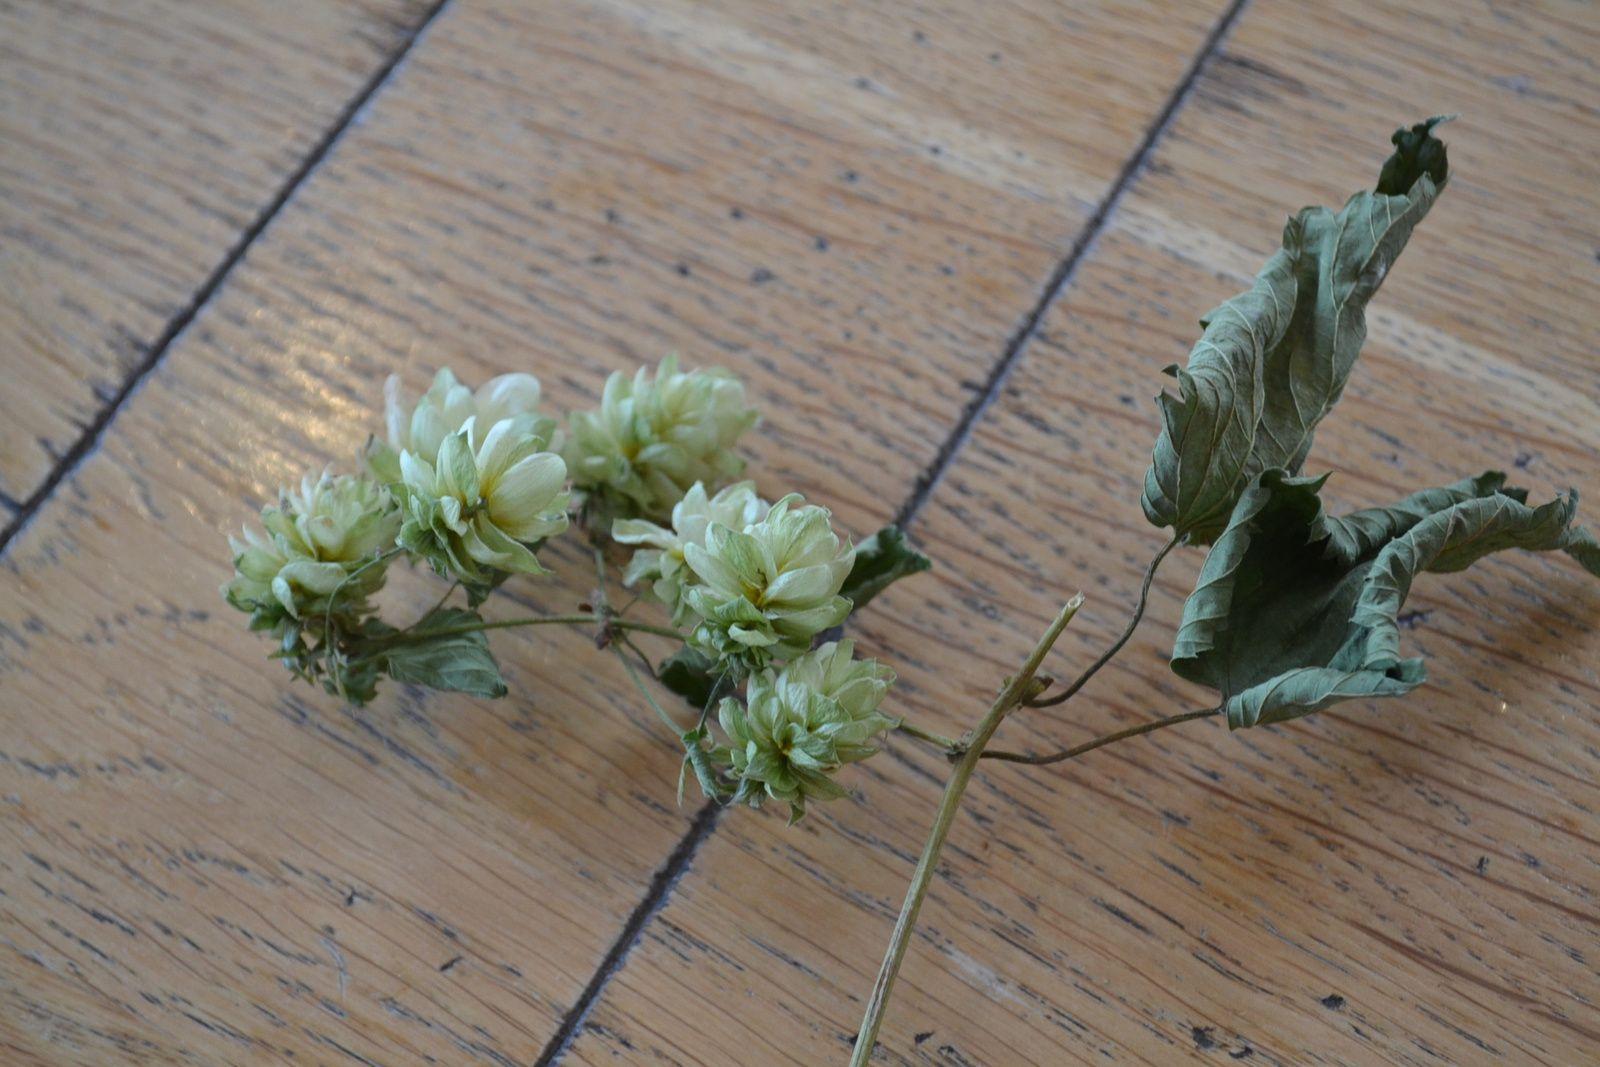 Les fleurs de houblons sont déshydratées, elles se conservent plus facilement !